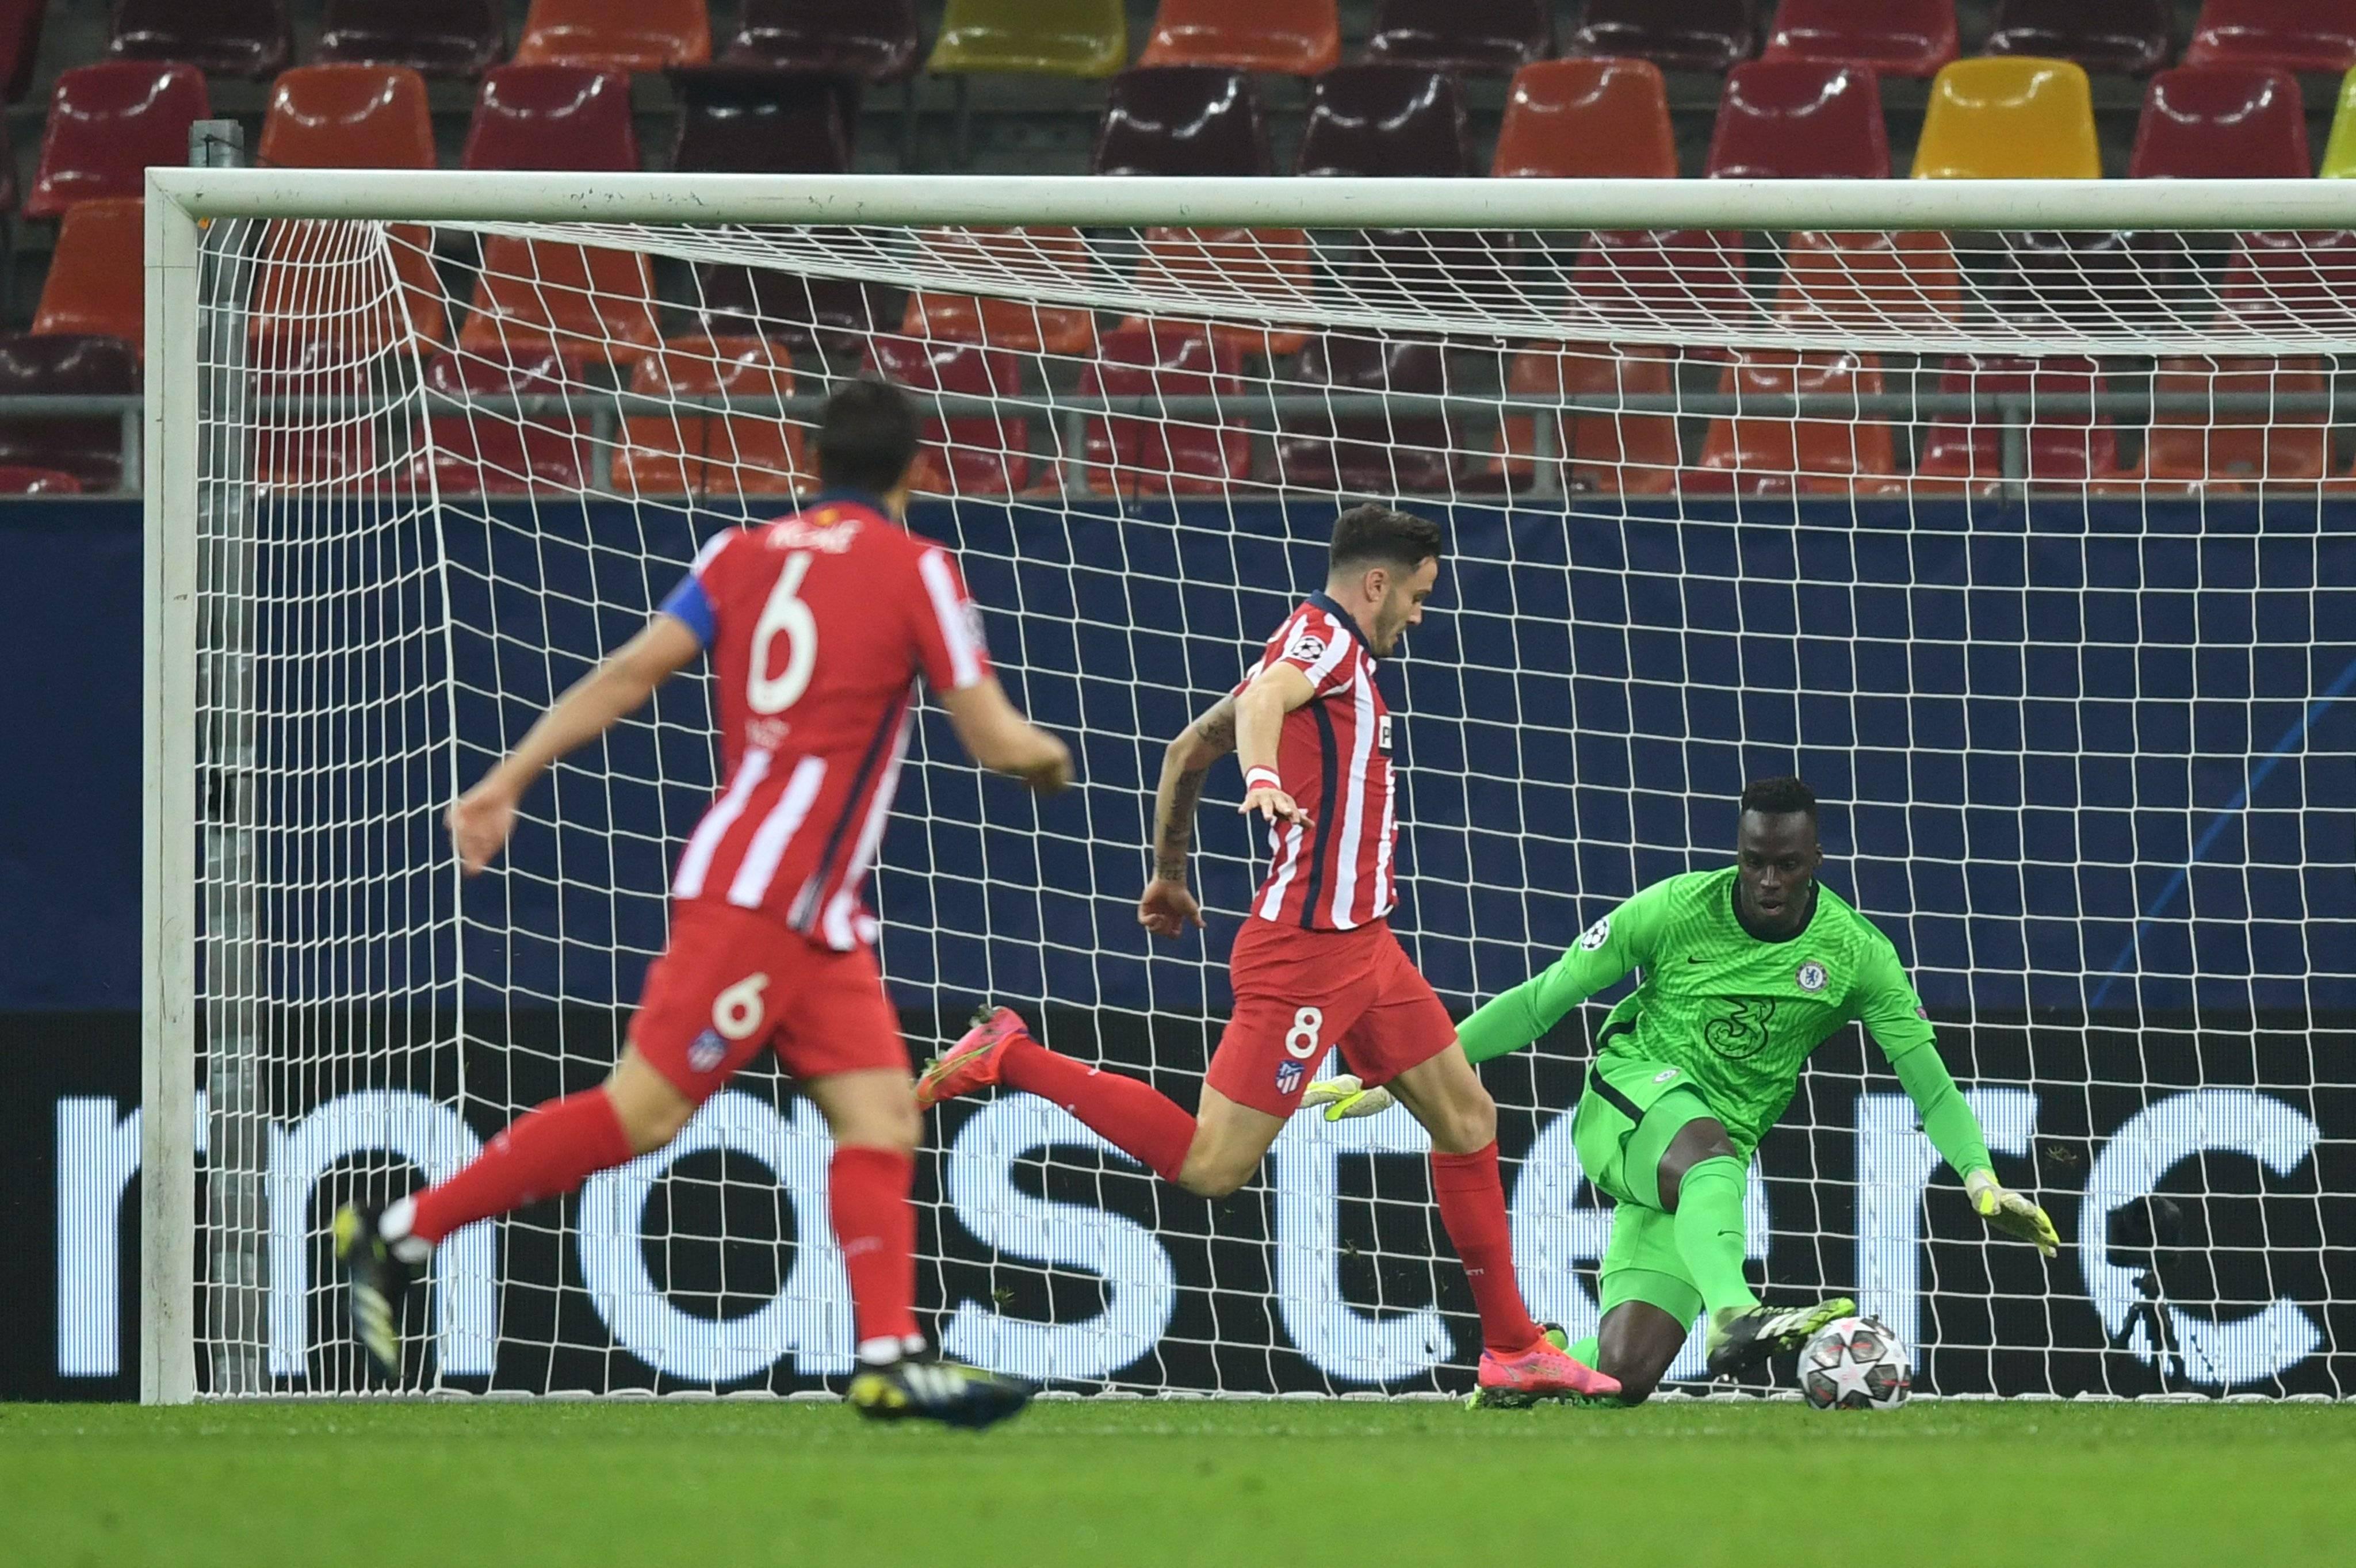 1-0,欧冠再现倒钩破门!英超第5轰塌西甲领头羊,创历史纪录